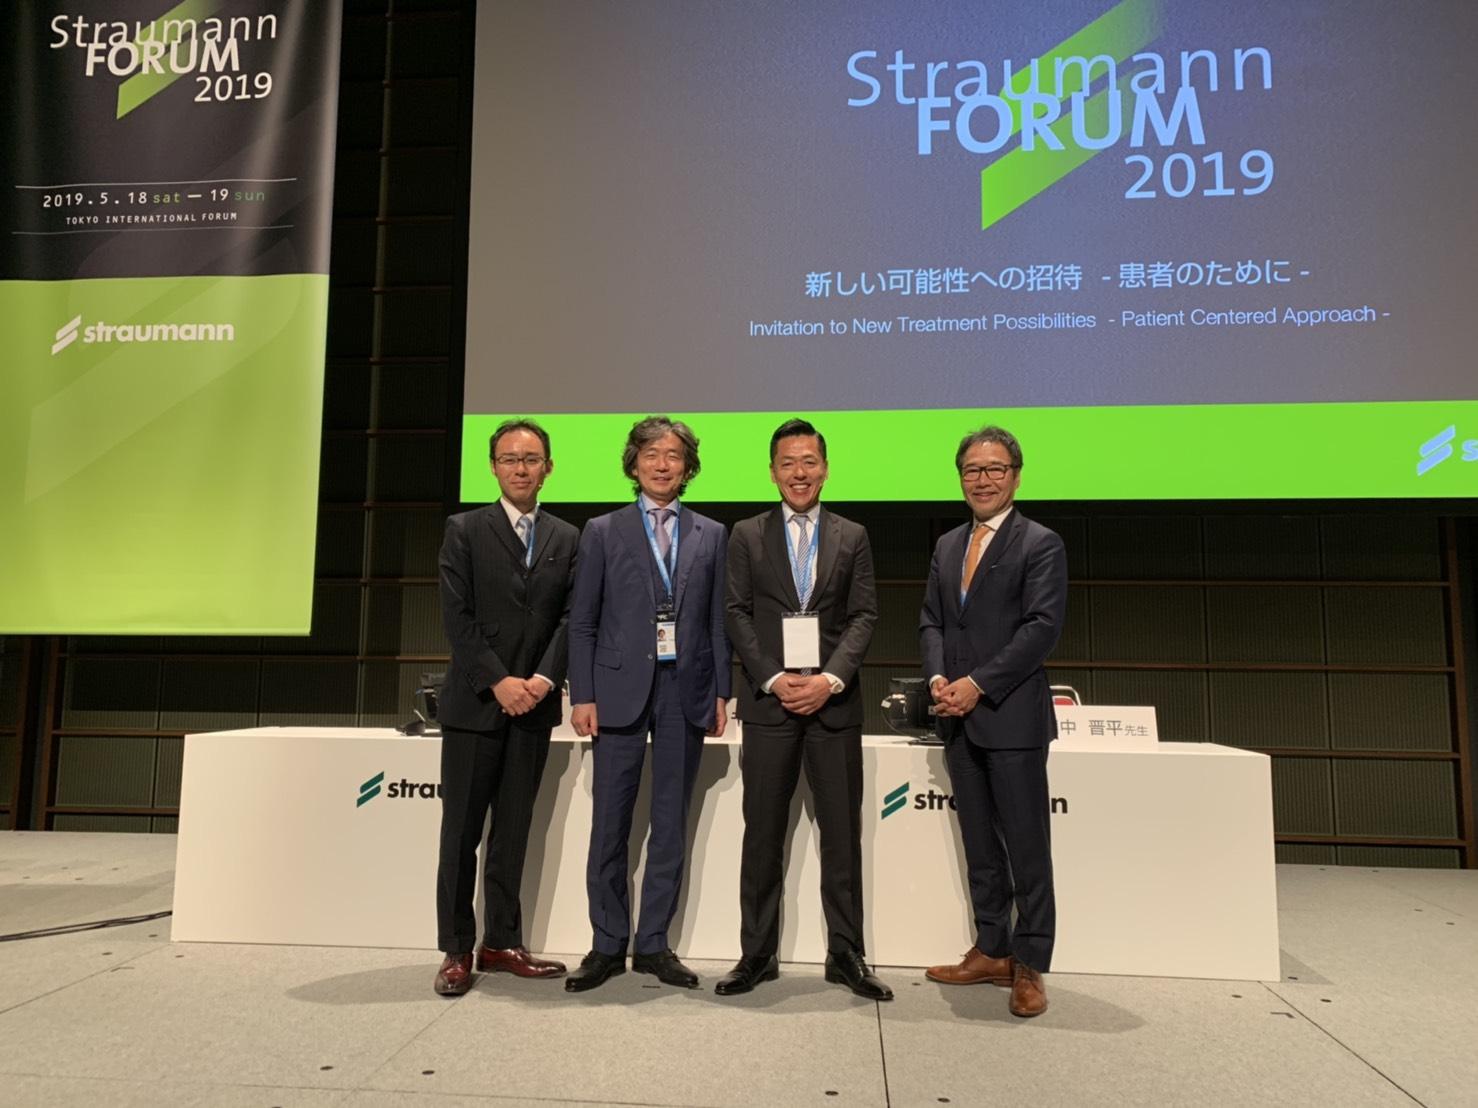 Straumann Forum 2019にて講演,ポスター発表